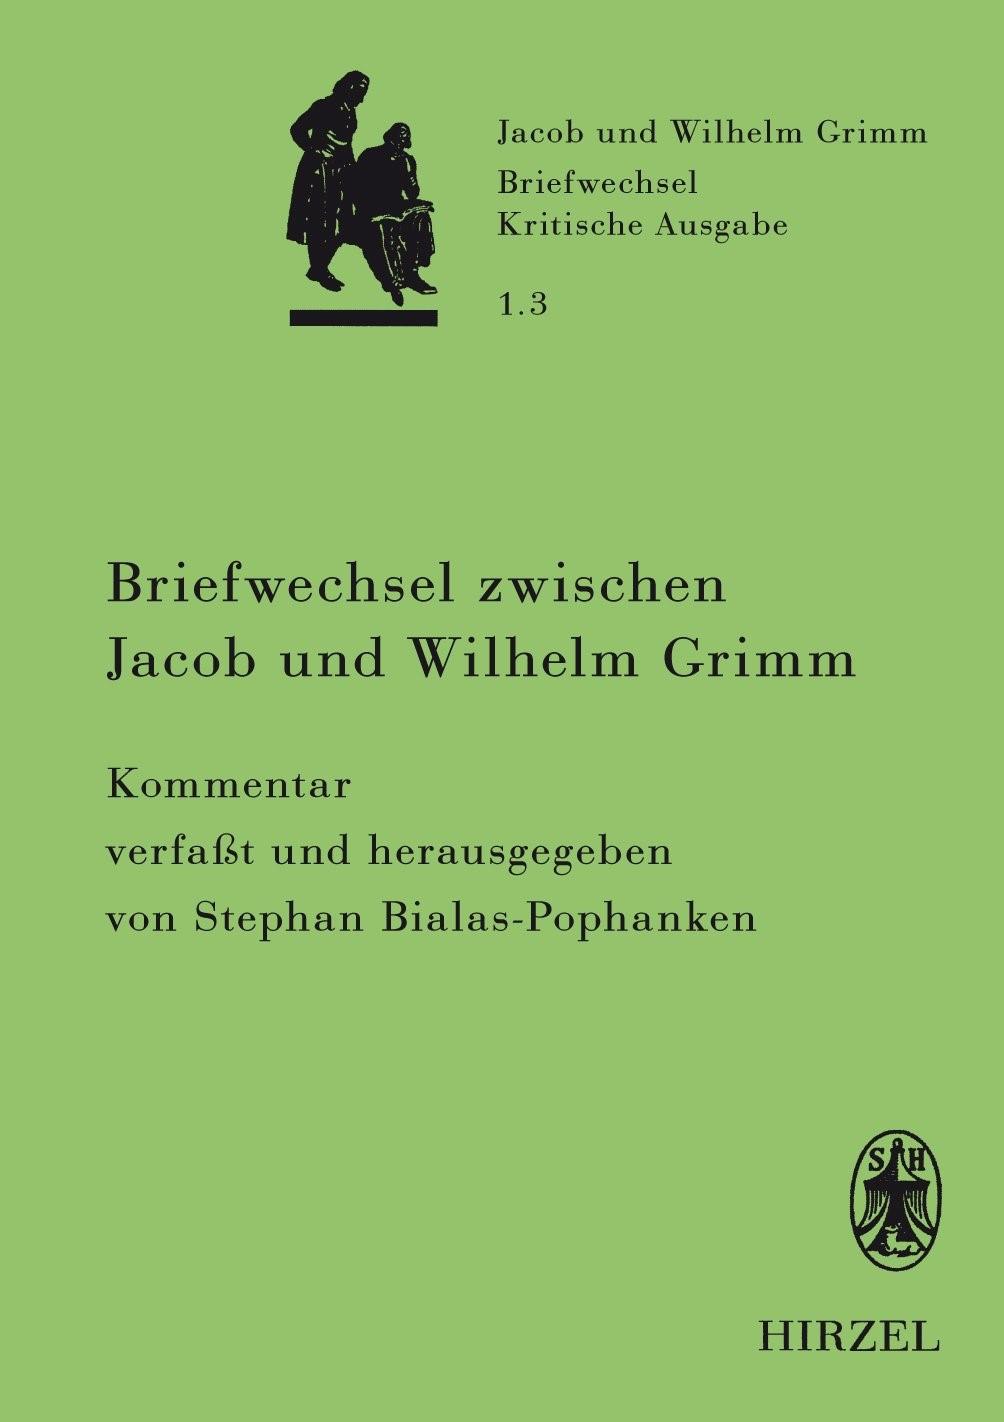 Abbildung von Bialas-Pophanken | Briefwechsel zwischen Jacob und Wilhelm Grimm | 2013